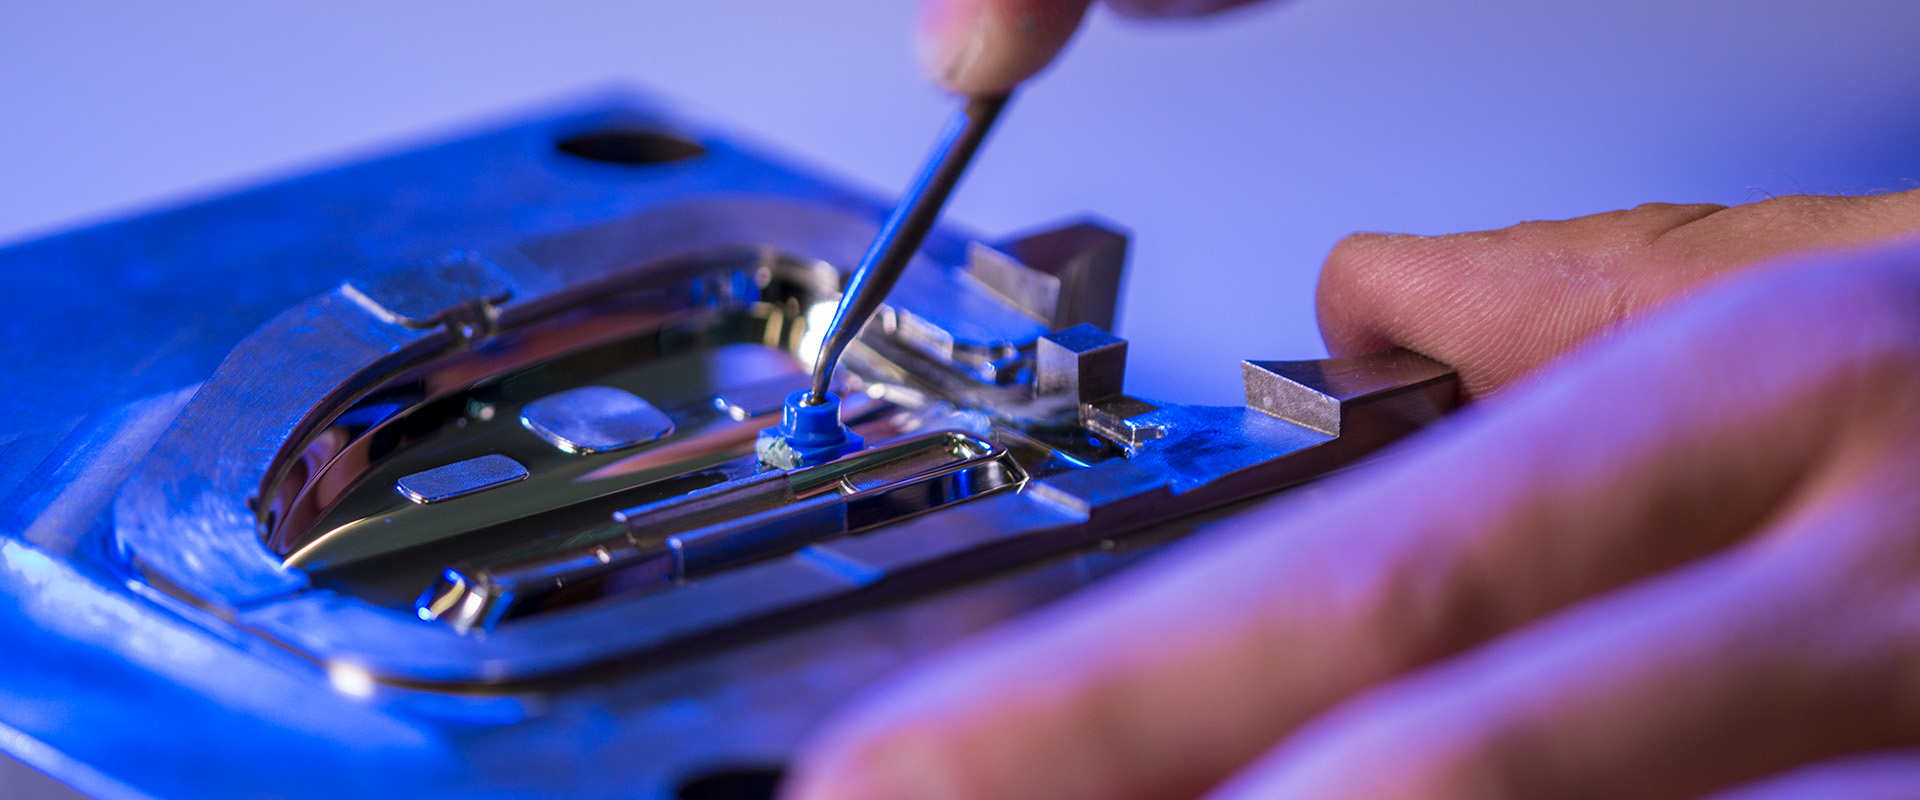 Werkzeugbau Formenbau Automotive Kunststofftechnik Bernt KTB